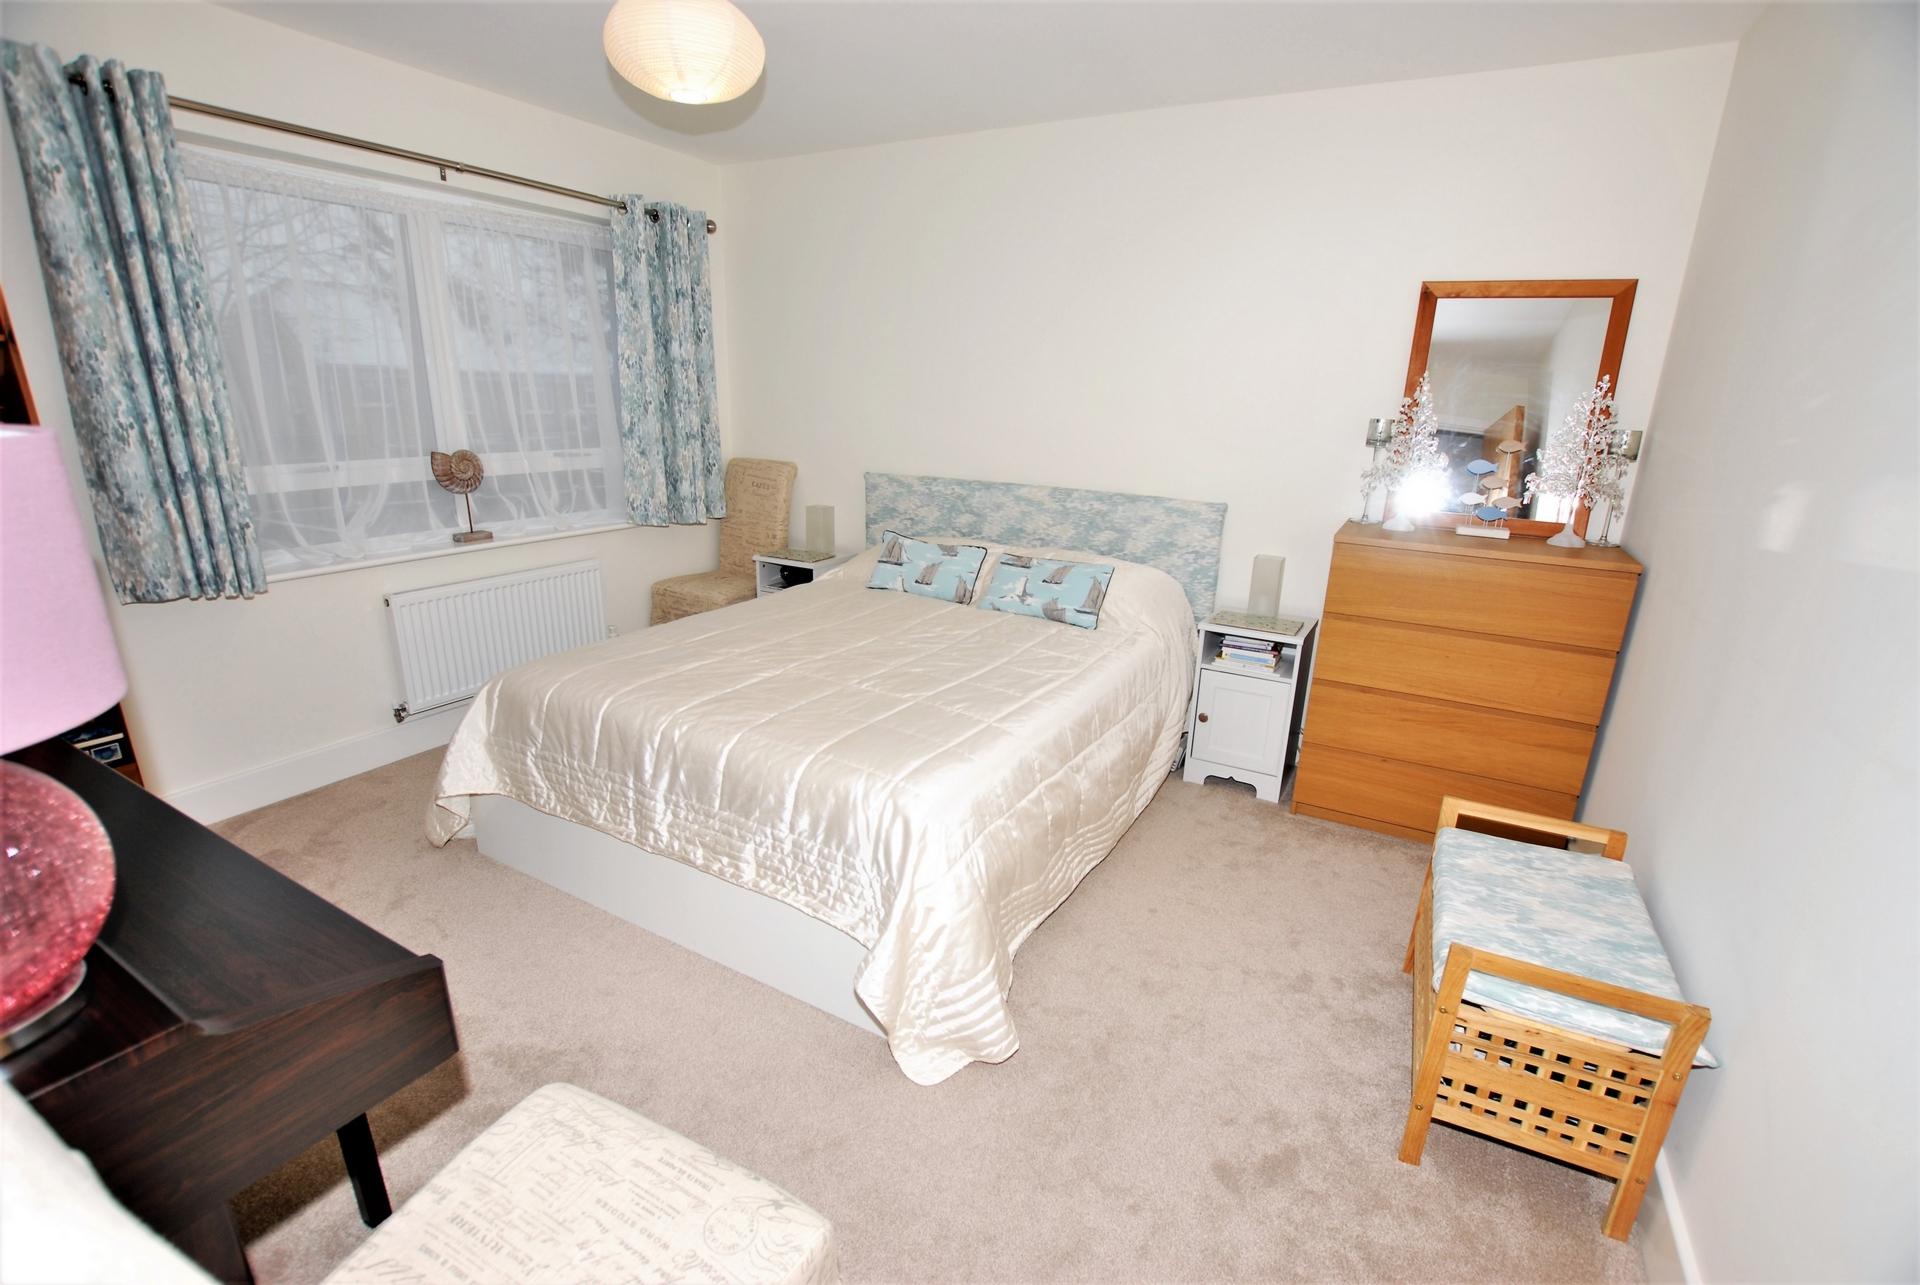 Bedroomn 2